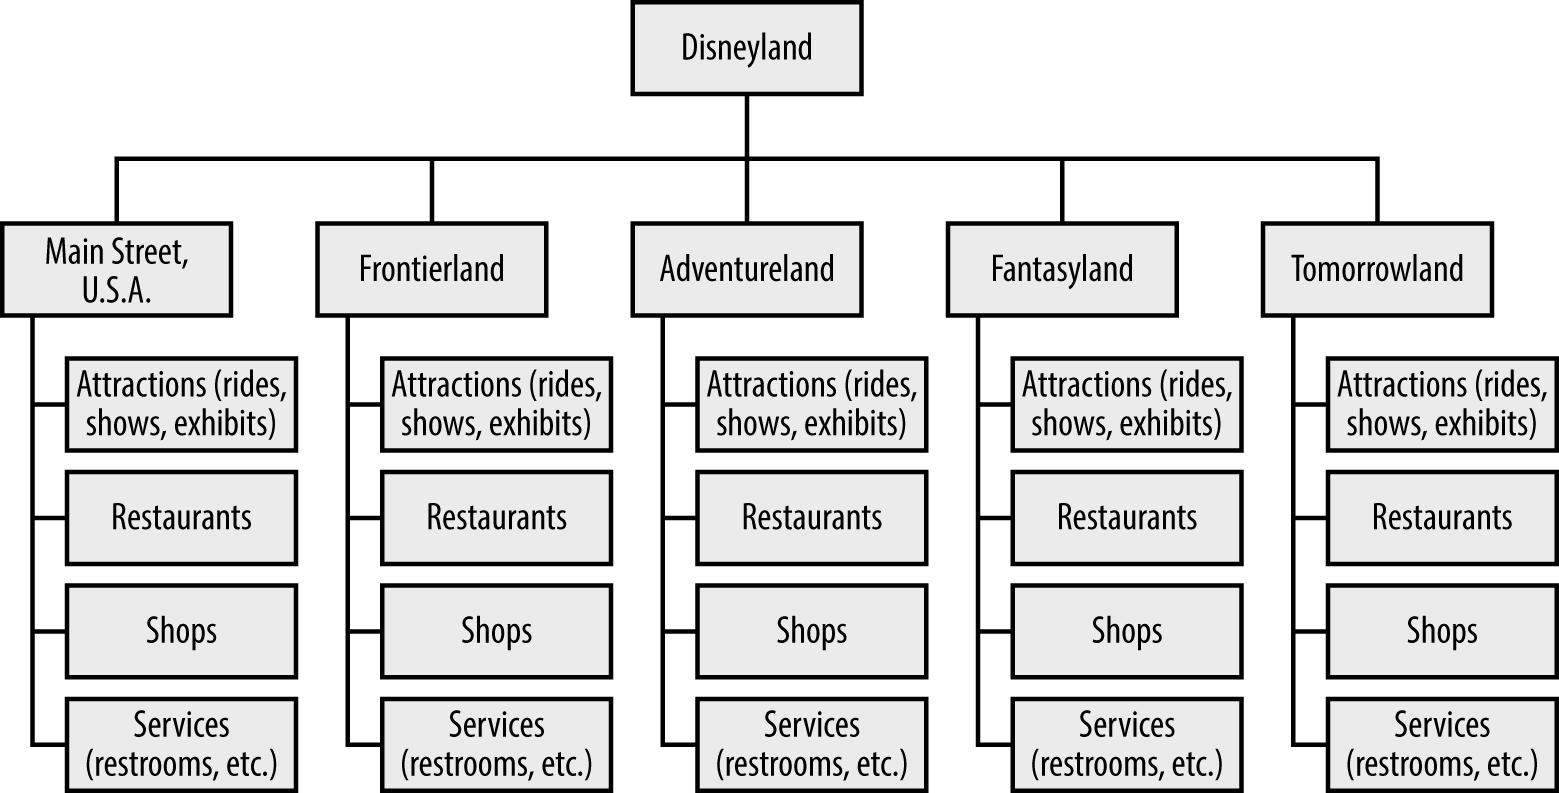 تقييم الهيكل التنظيمي لشركة والت ديزني Walt Disney Company Organization Chart Organizational Structure